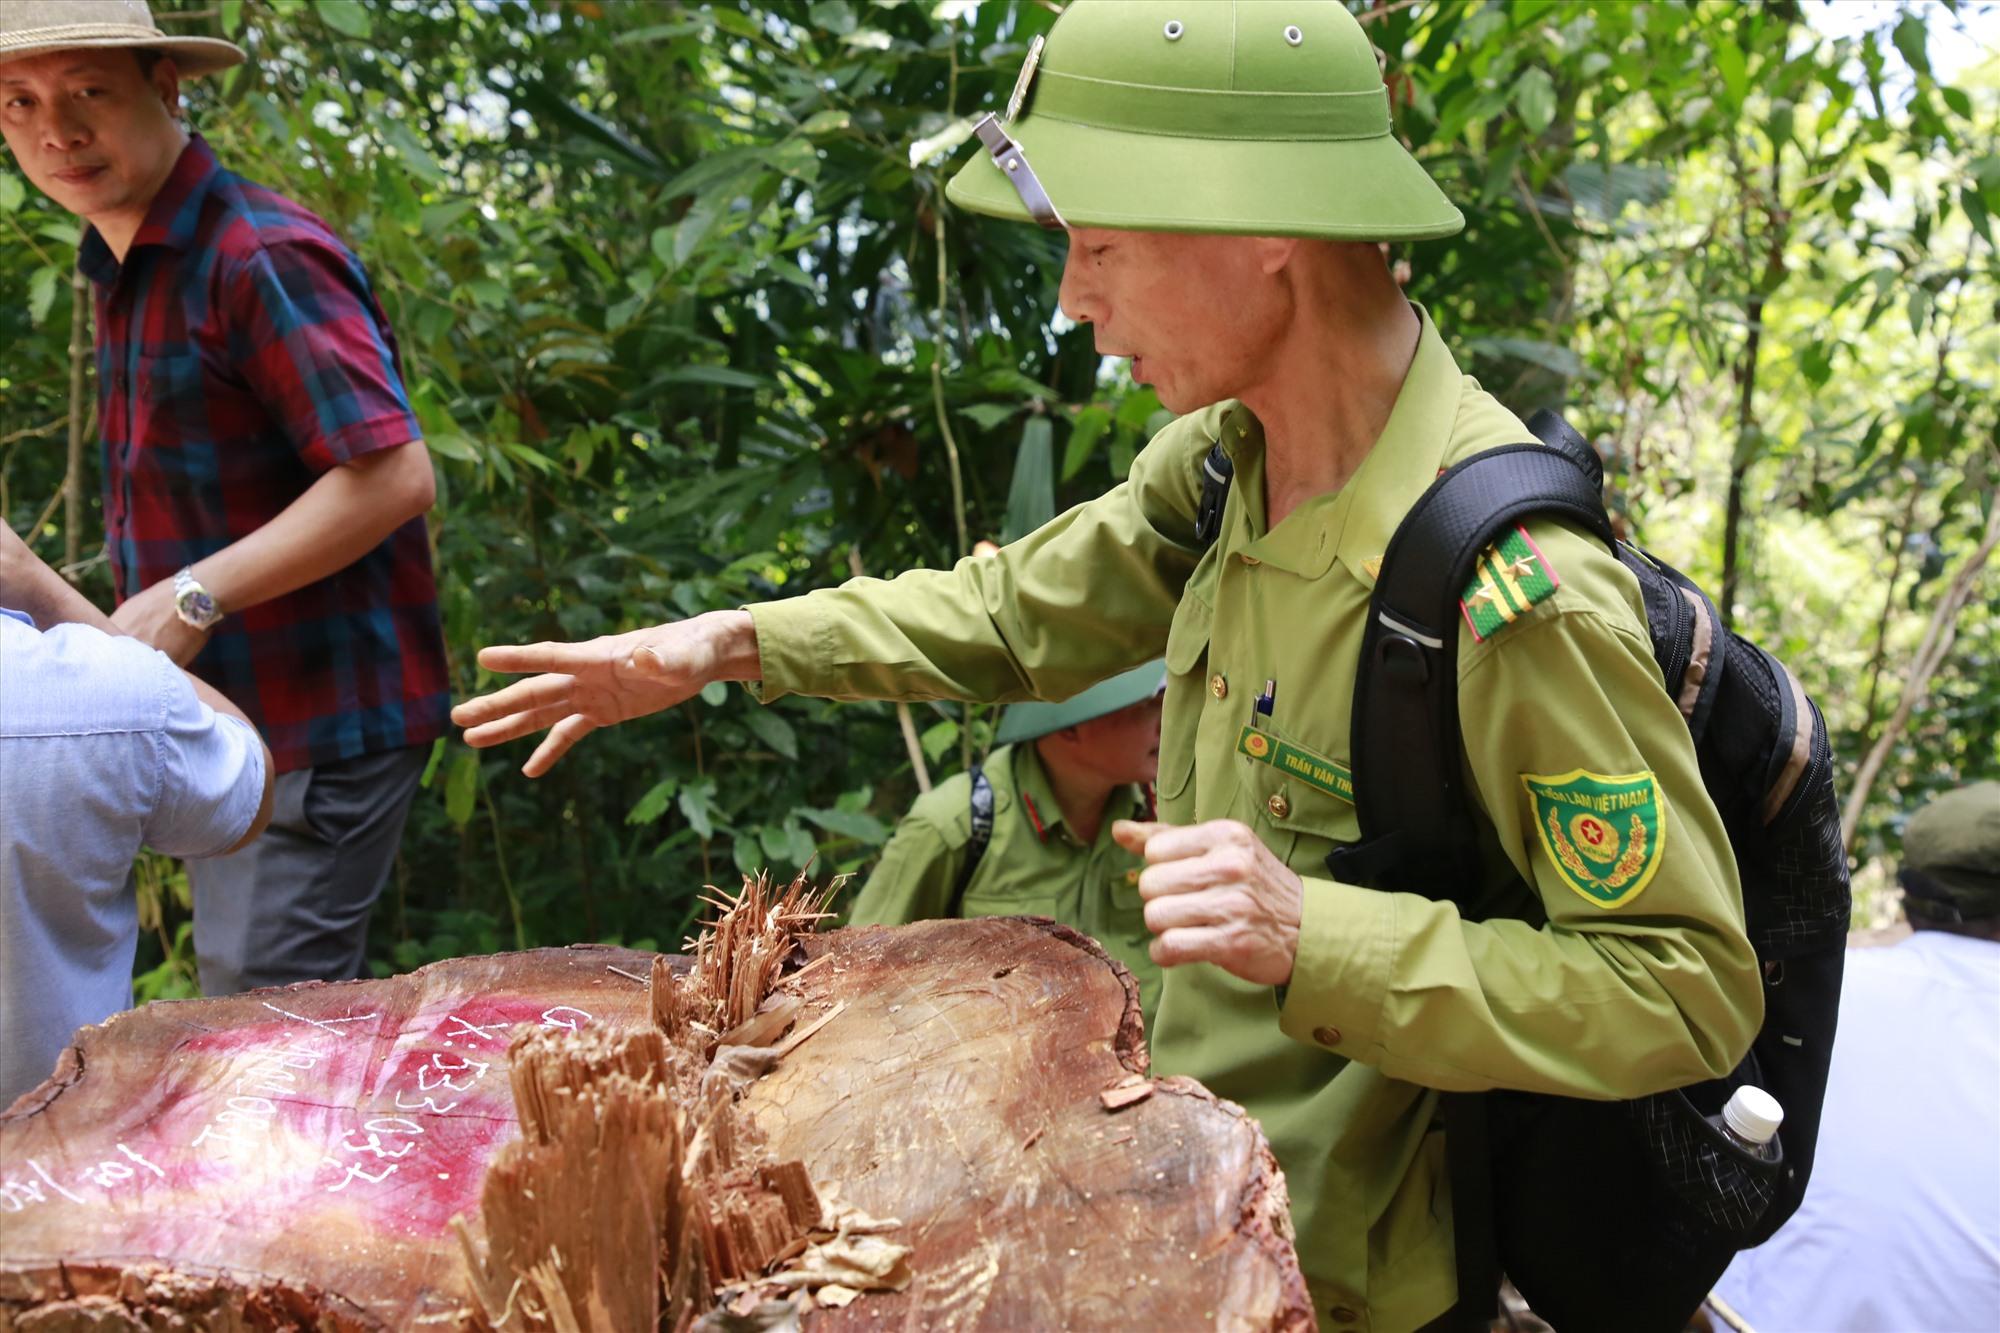 Phó Chủ tịch UBND tỉnh Hồ Quang Bửu yêu cầu kiểm lâm có báo cáo cụ thể về vụ phá rừng vào ngày 4.10. Ảnh: T.C